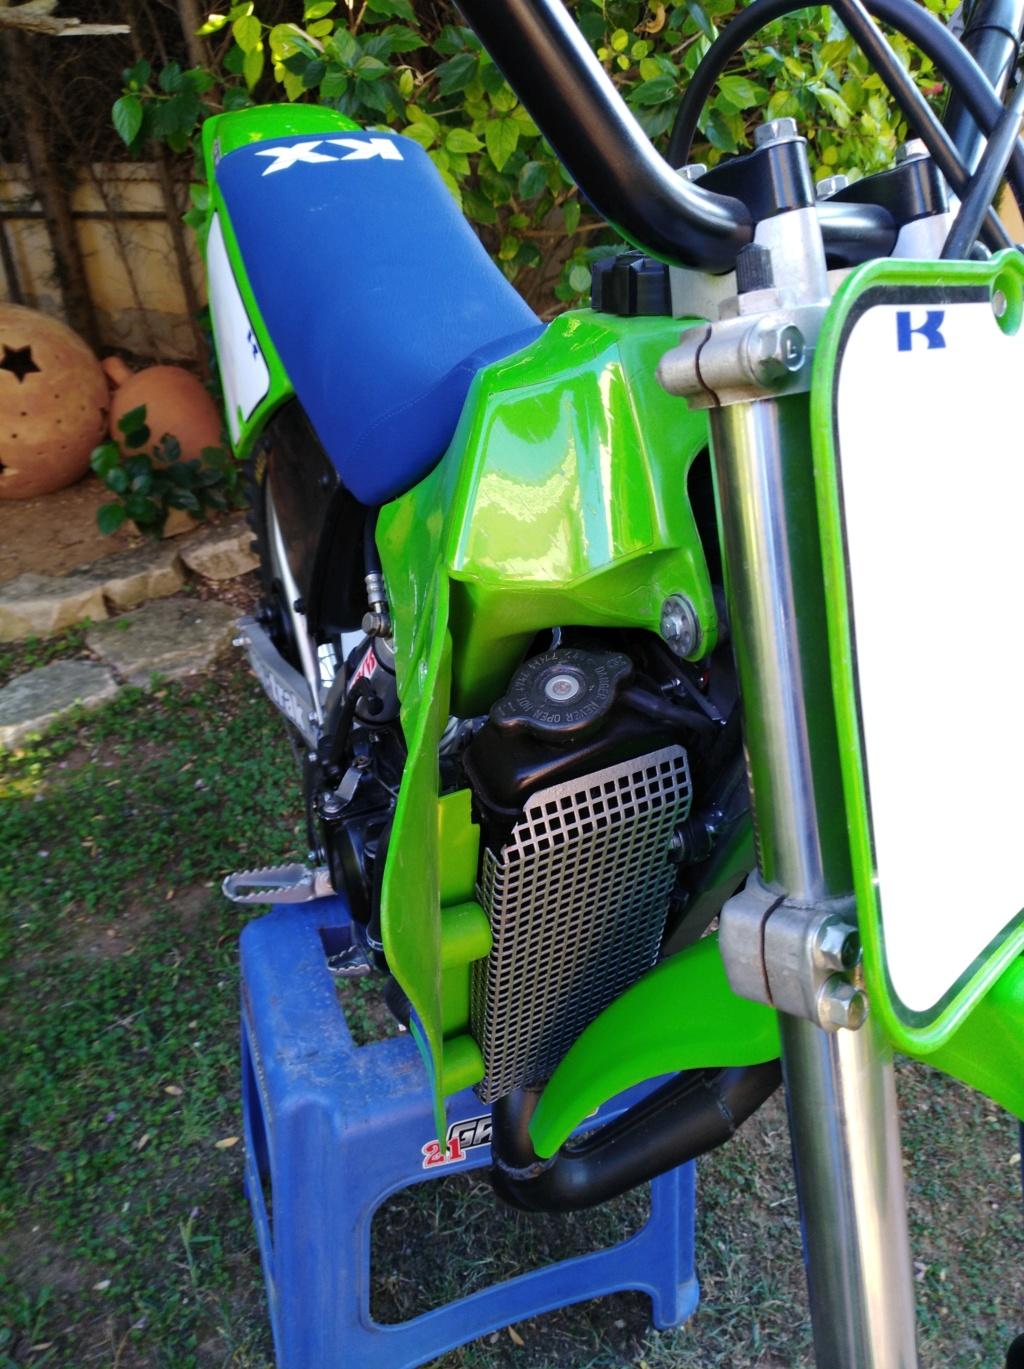 KX 80 1987 Img_2055